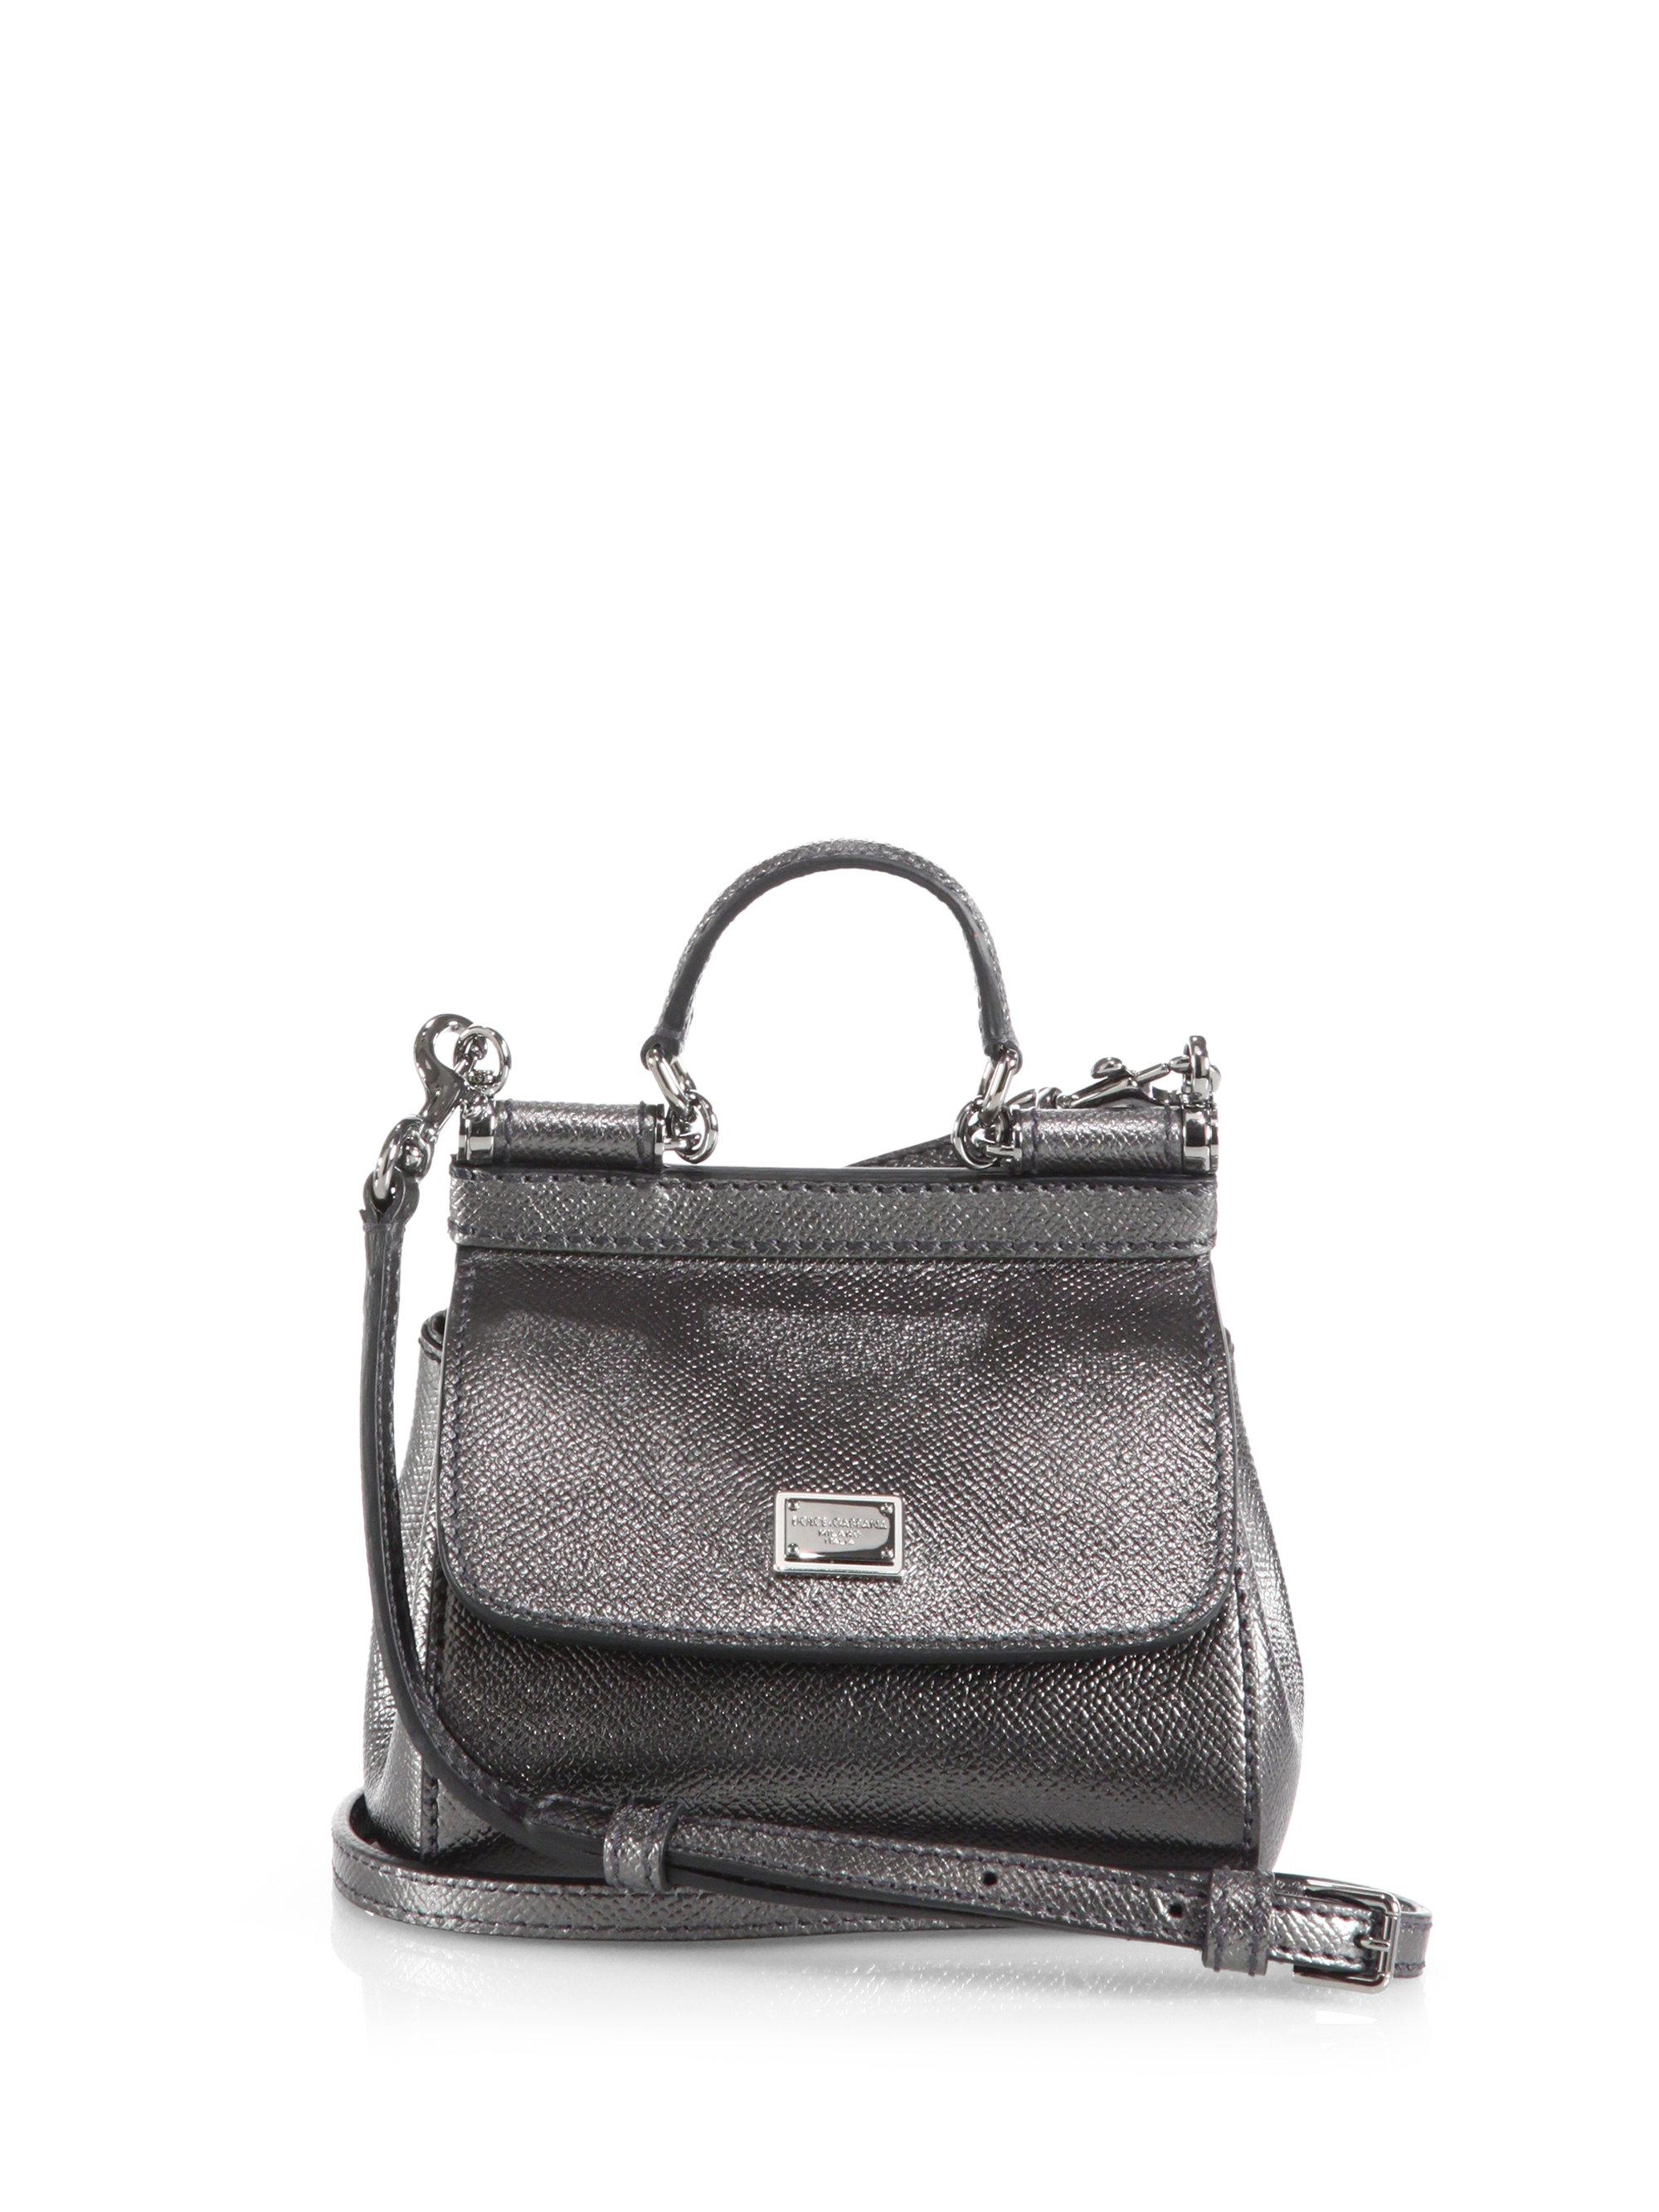 Dolce & Gabbana Sicile Mini-sac À Bandoulière Métallique Footlocker Sortie Vente Offres 2018 Nouvelle Ordre Pré Sortie WB9I47